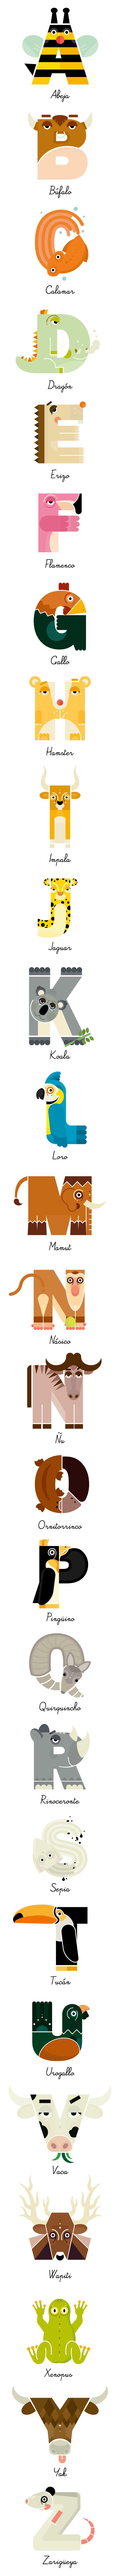 Animalario by anna tilche, via Behance